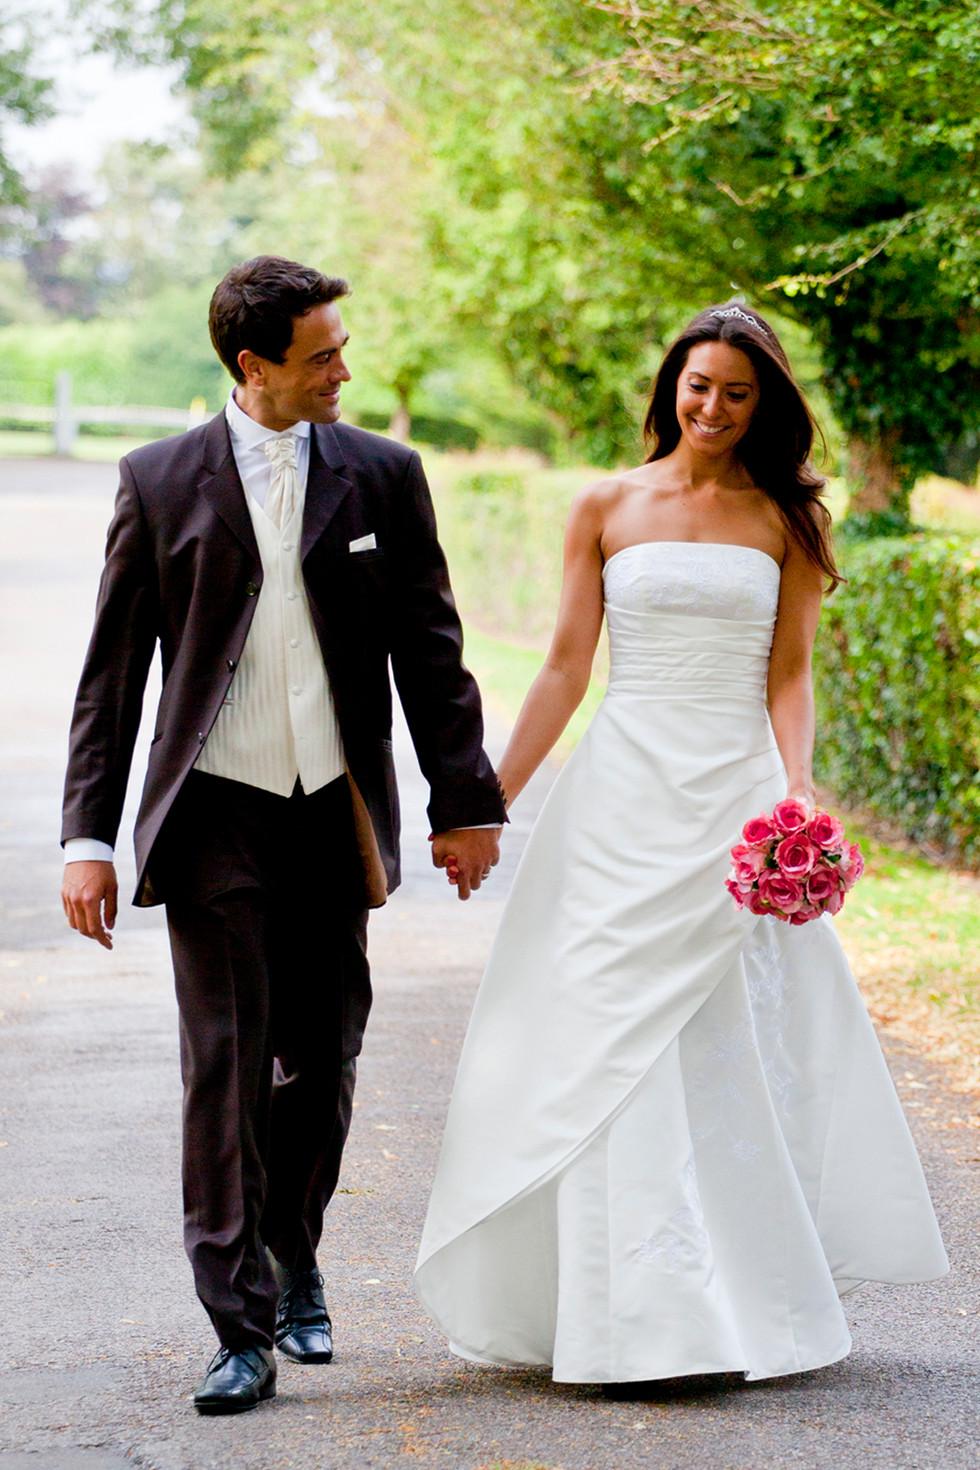 Wedding photographer York.jpg